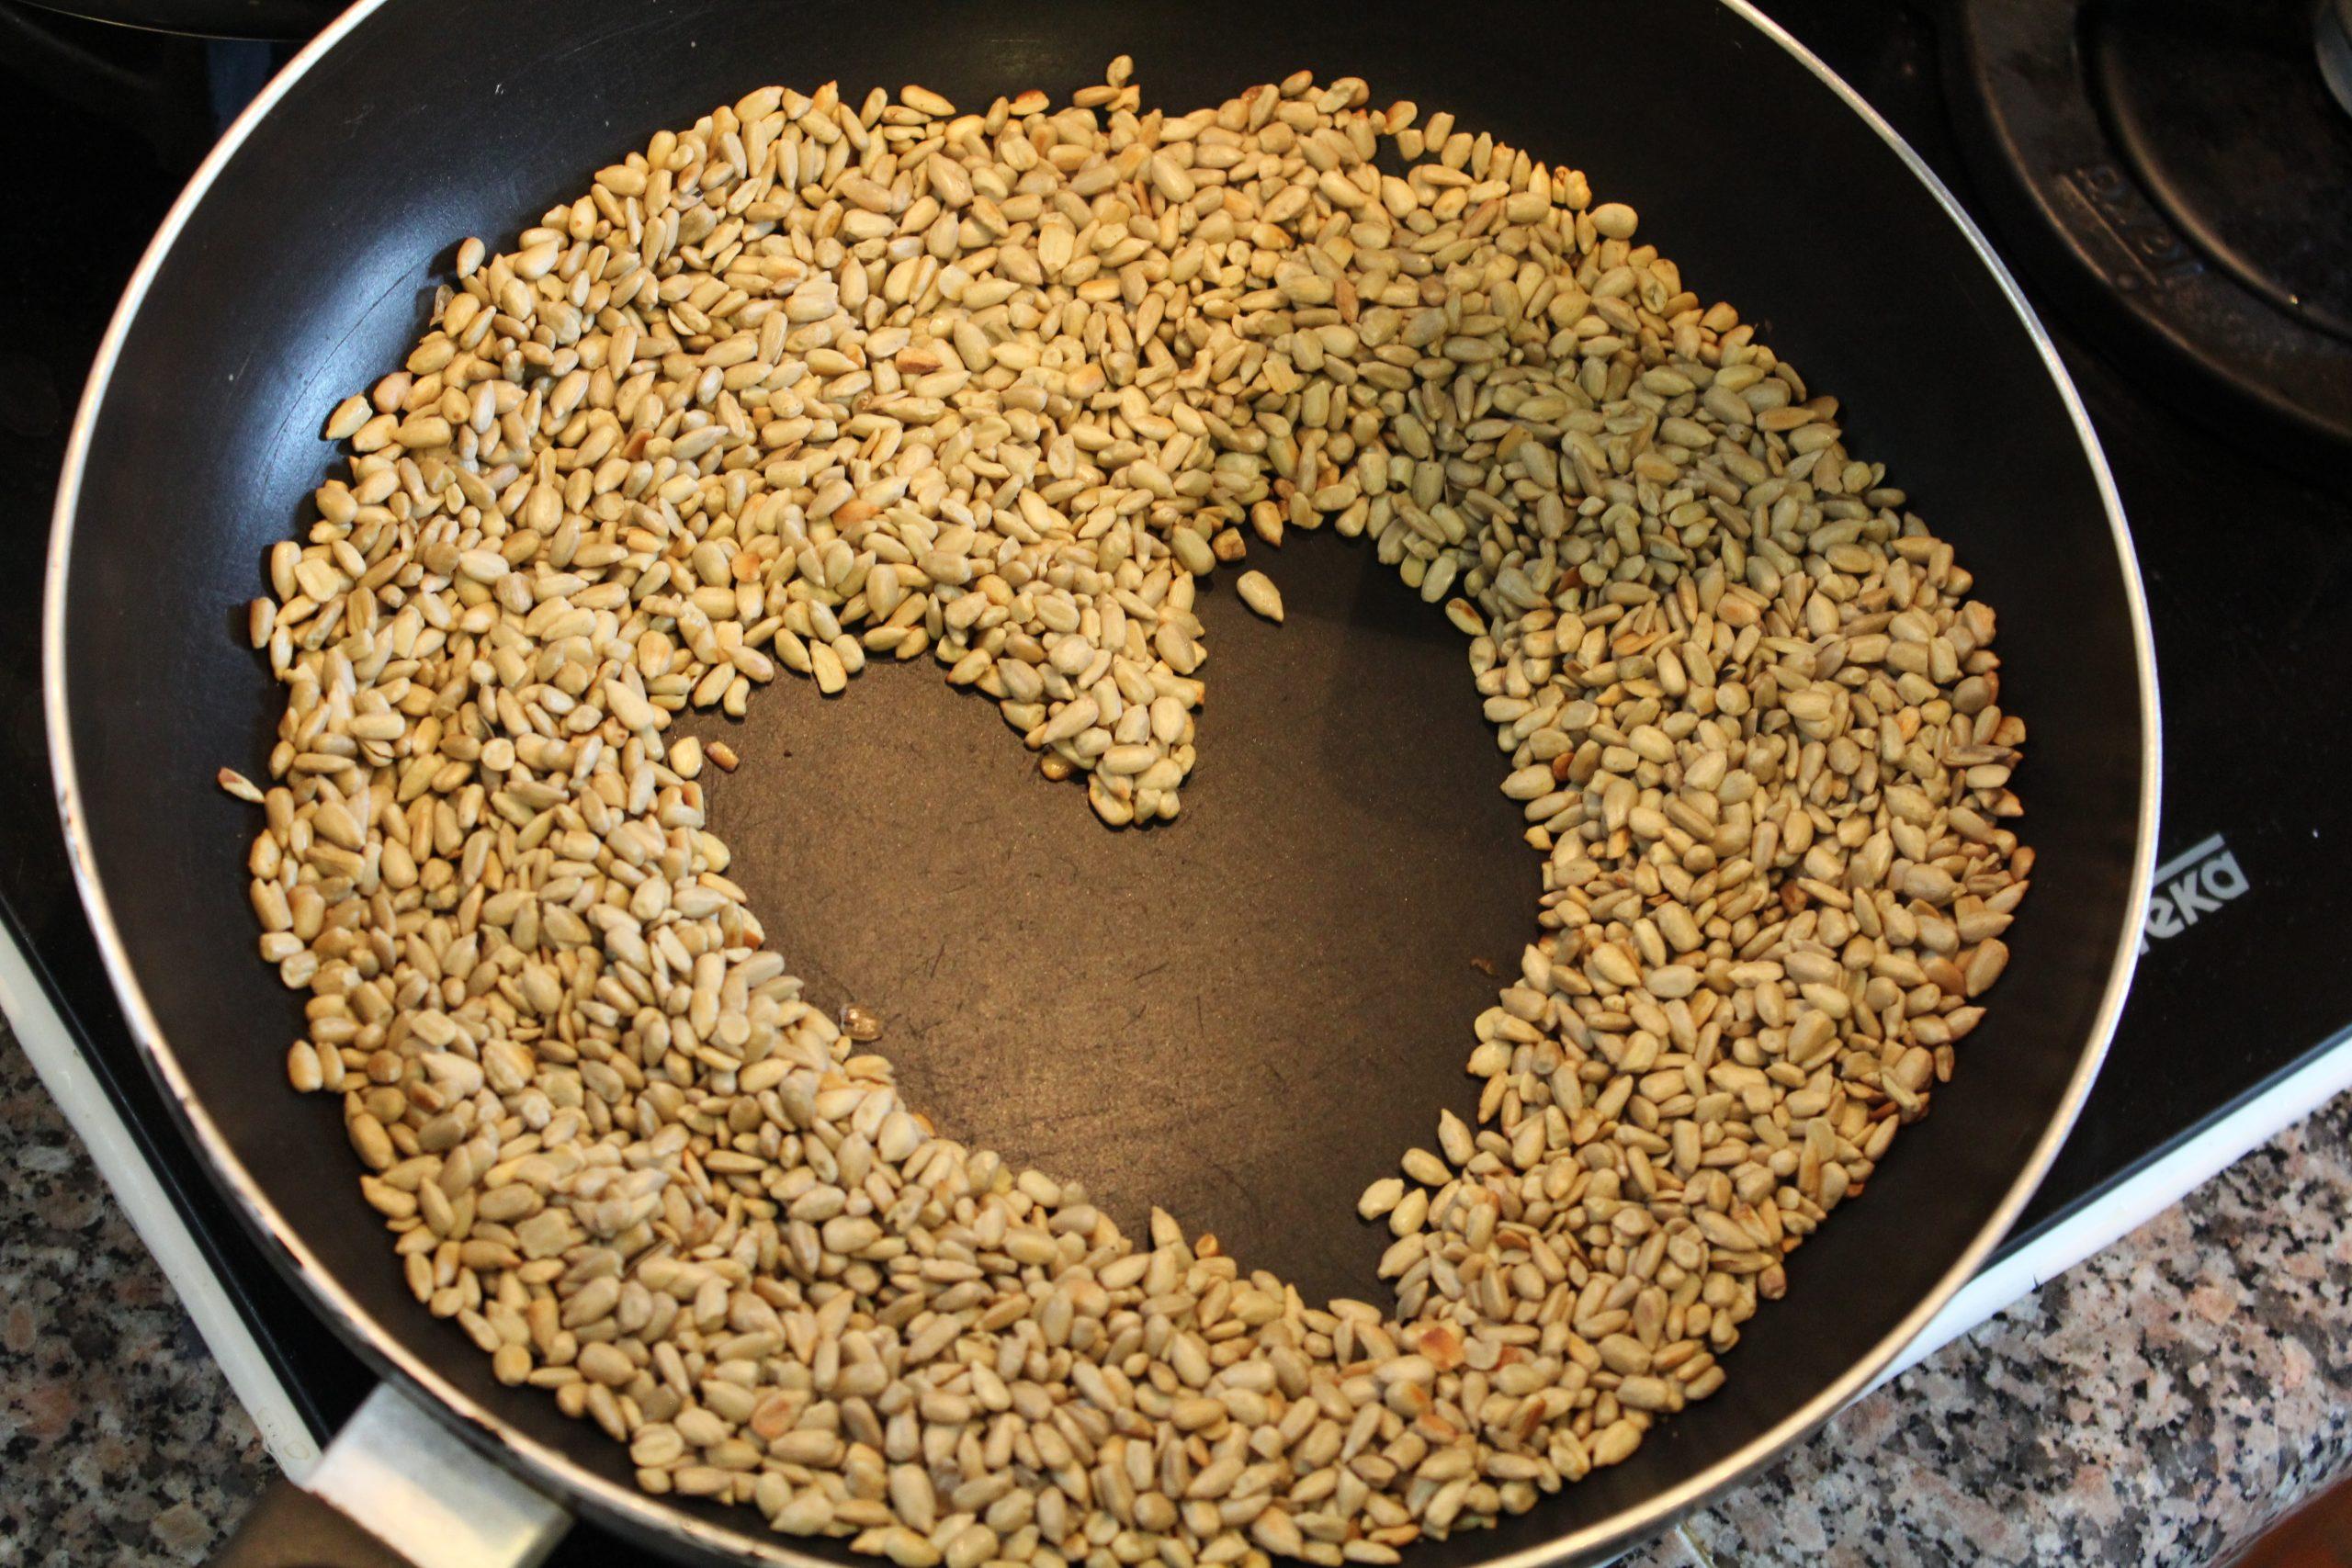 Sementes de girassol tostadas com shoyu - Mil Grãos